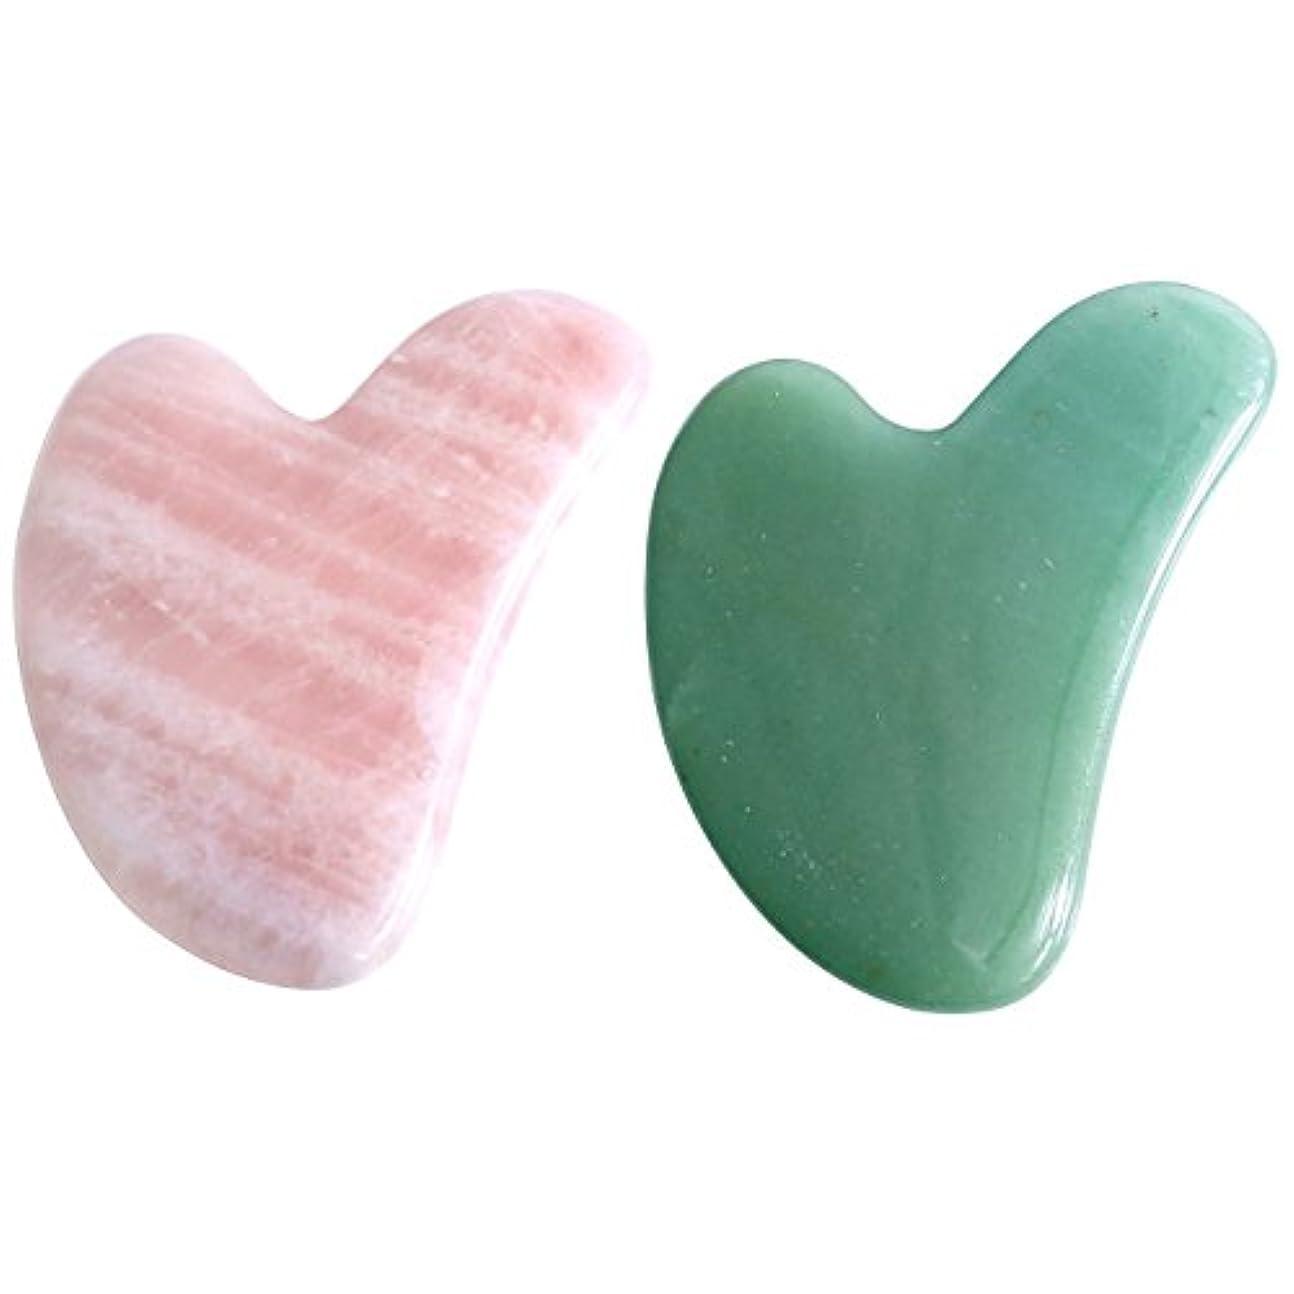 伝染病再発する教養がある2点セット2pcsFace / Body Massage rose quartz/ Adventurine heart shape Gua Sha 心臓の/ハート形状かっさプレート 天然石ローズクォーツ 翡翠,顔?ボディ...